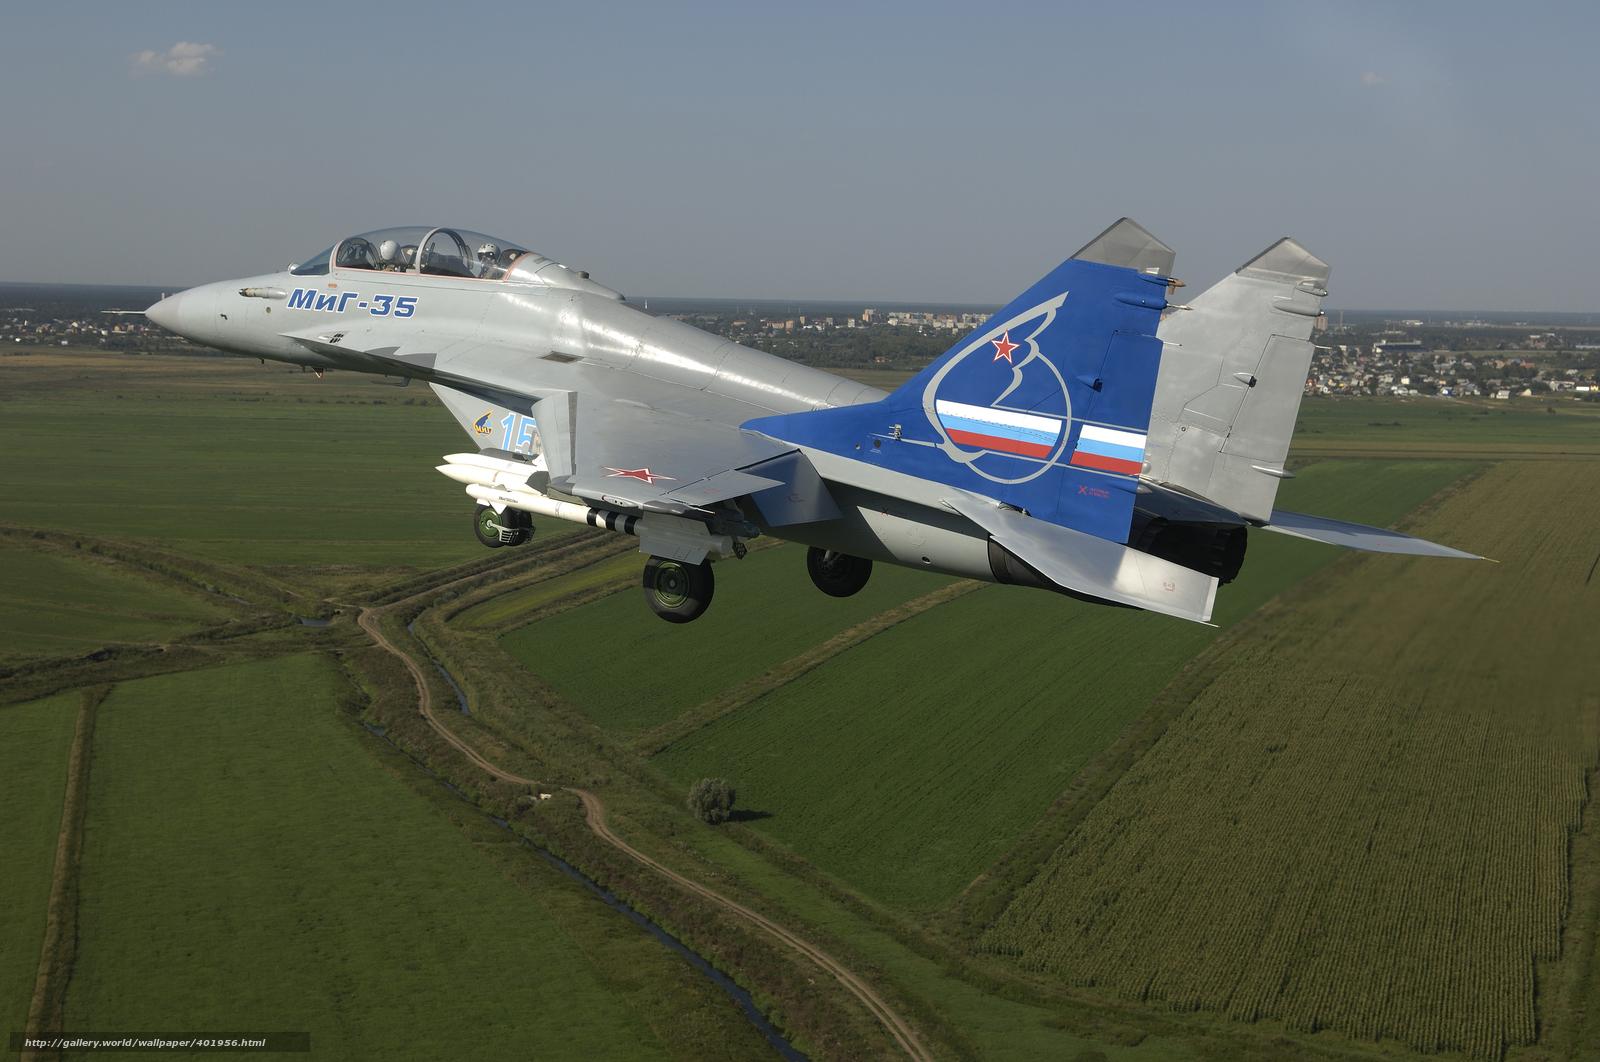 MiG 35 (航空機)の画像 p1_28